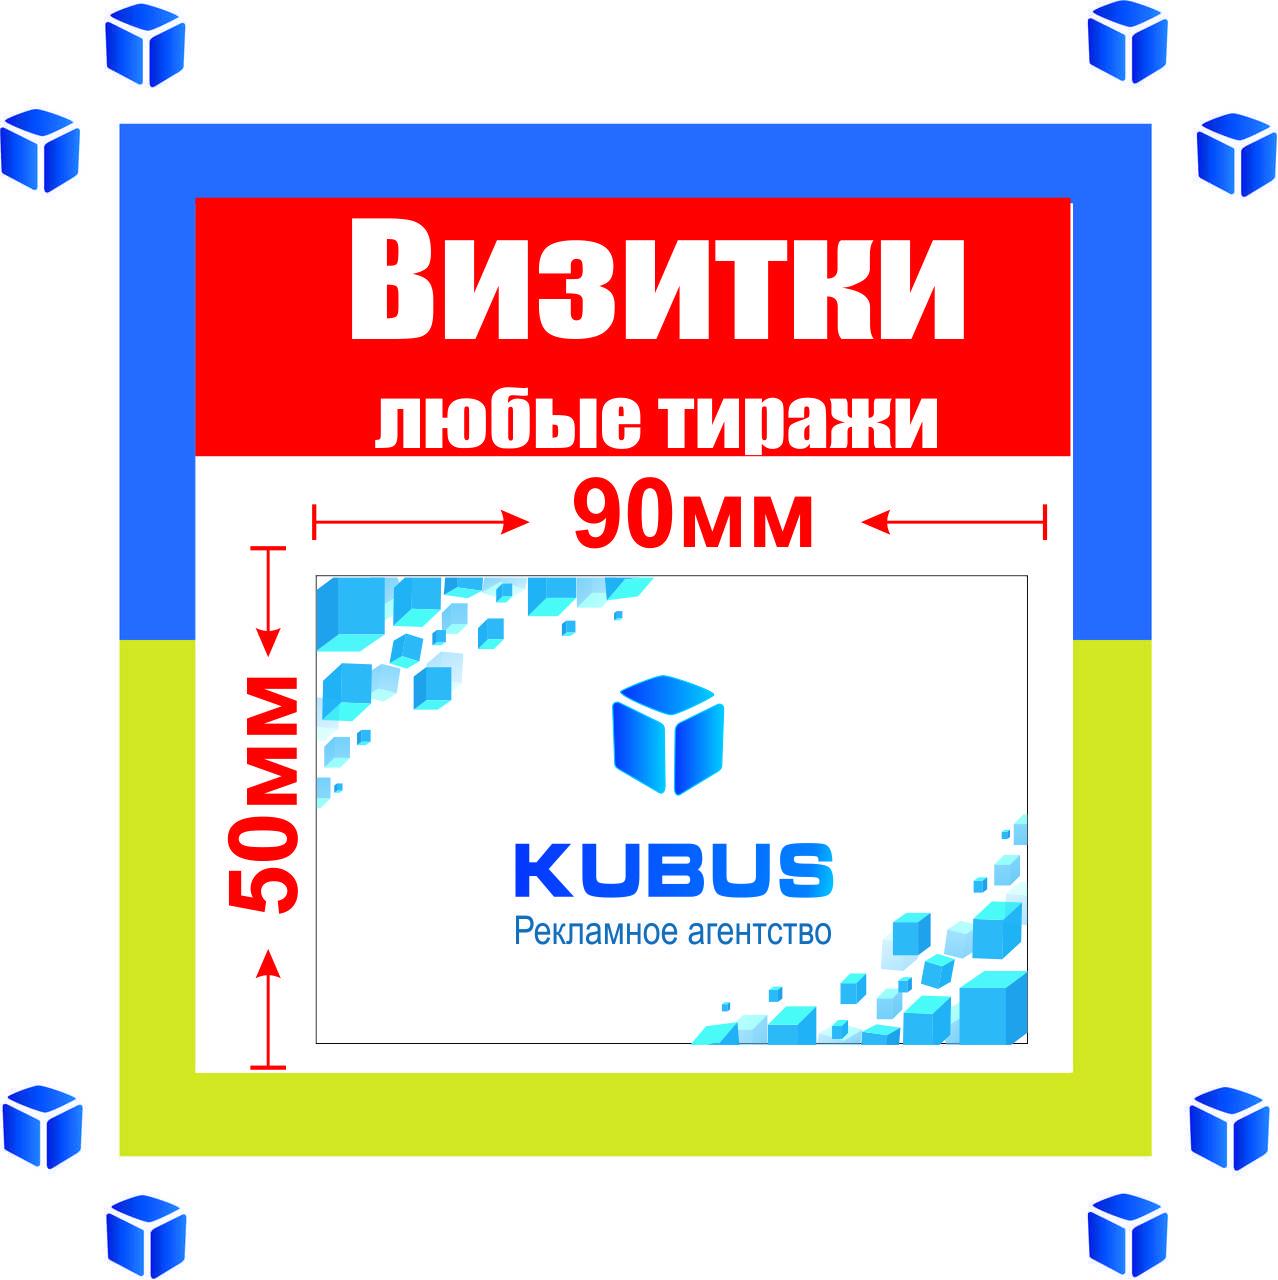 Визитки цветные двухсторонние 1000 шт(любые тиражи, защитный лак матовый/ 3 дня )